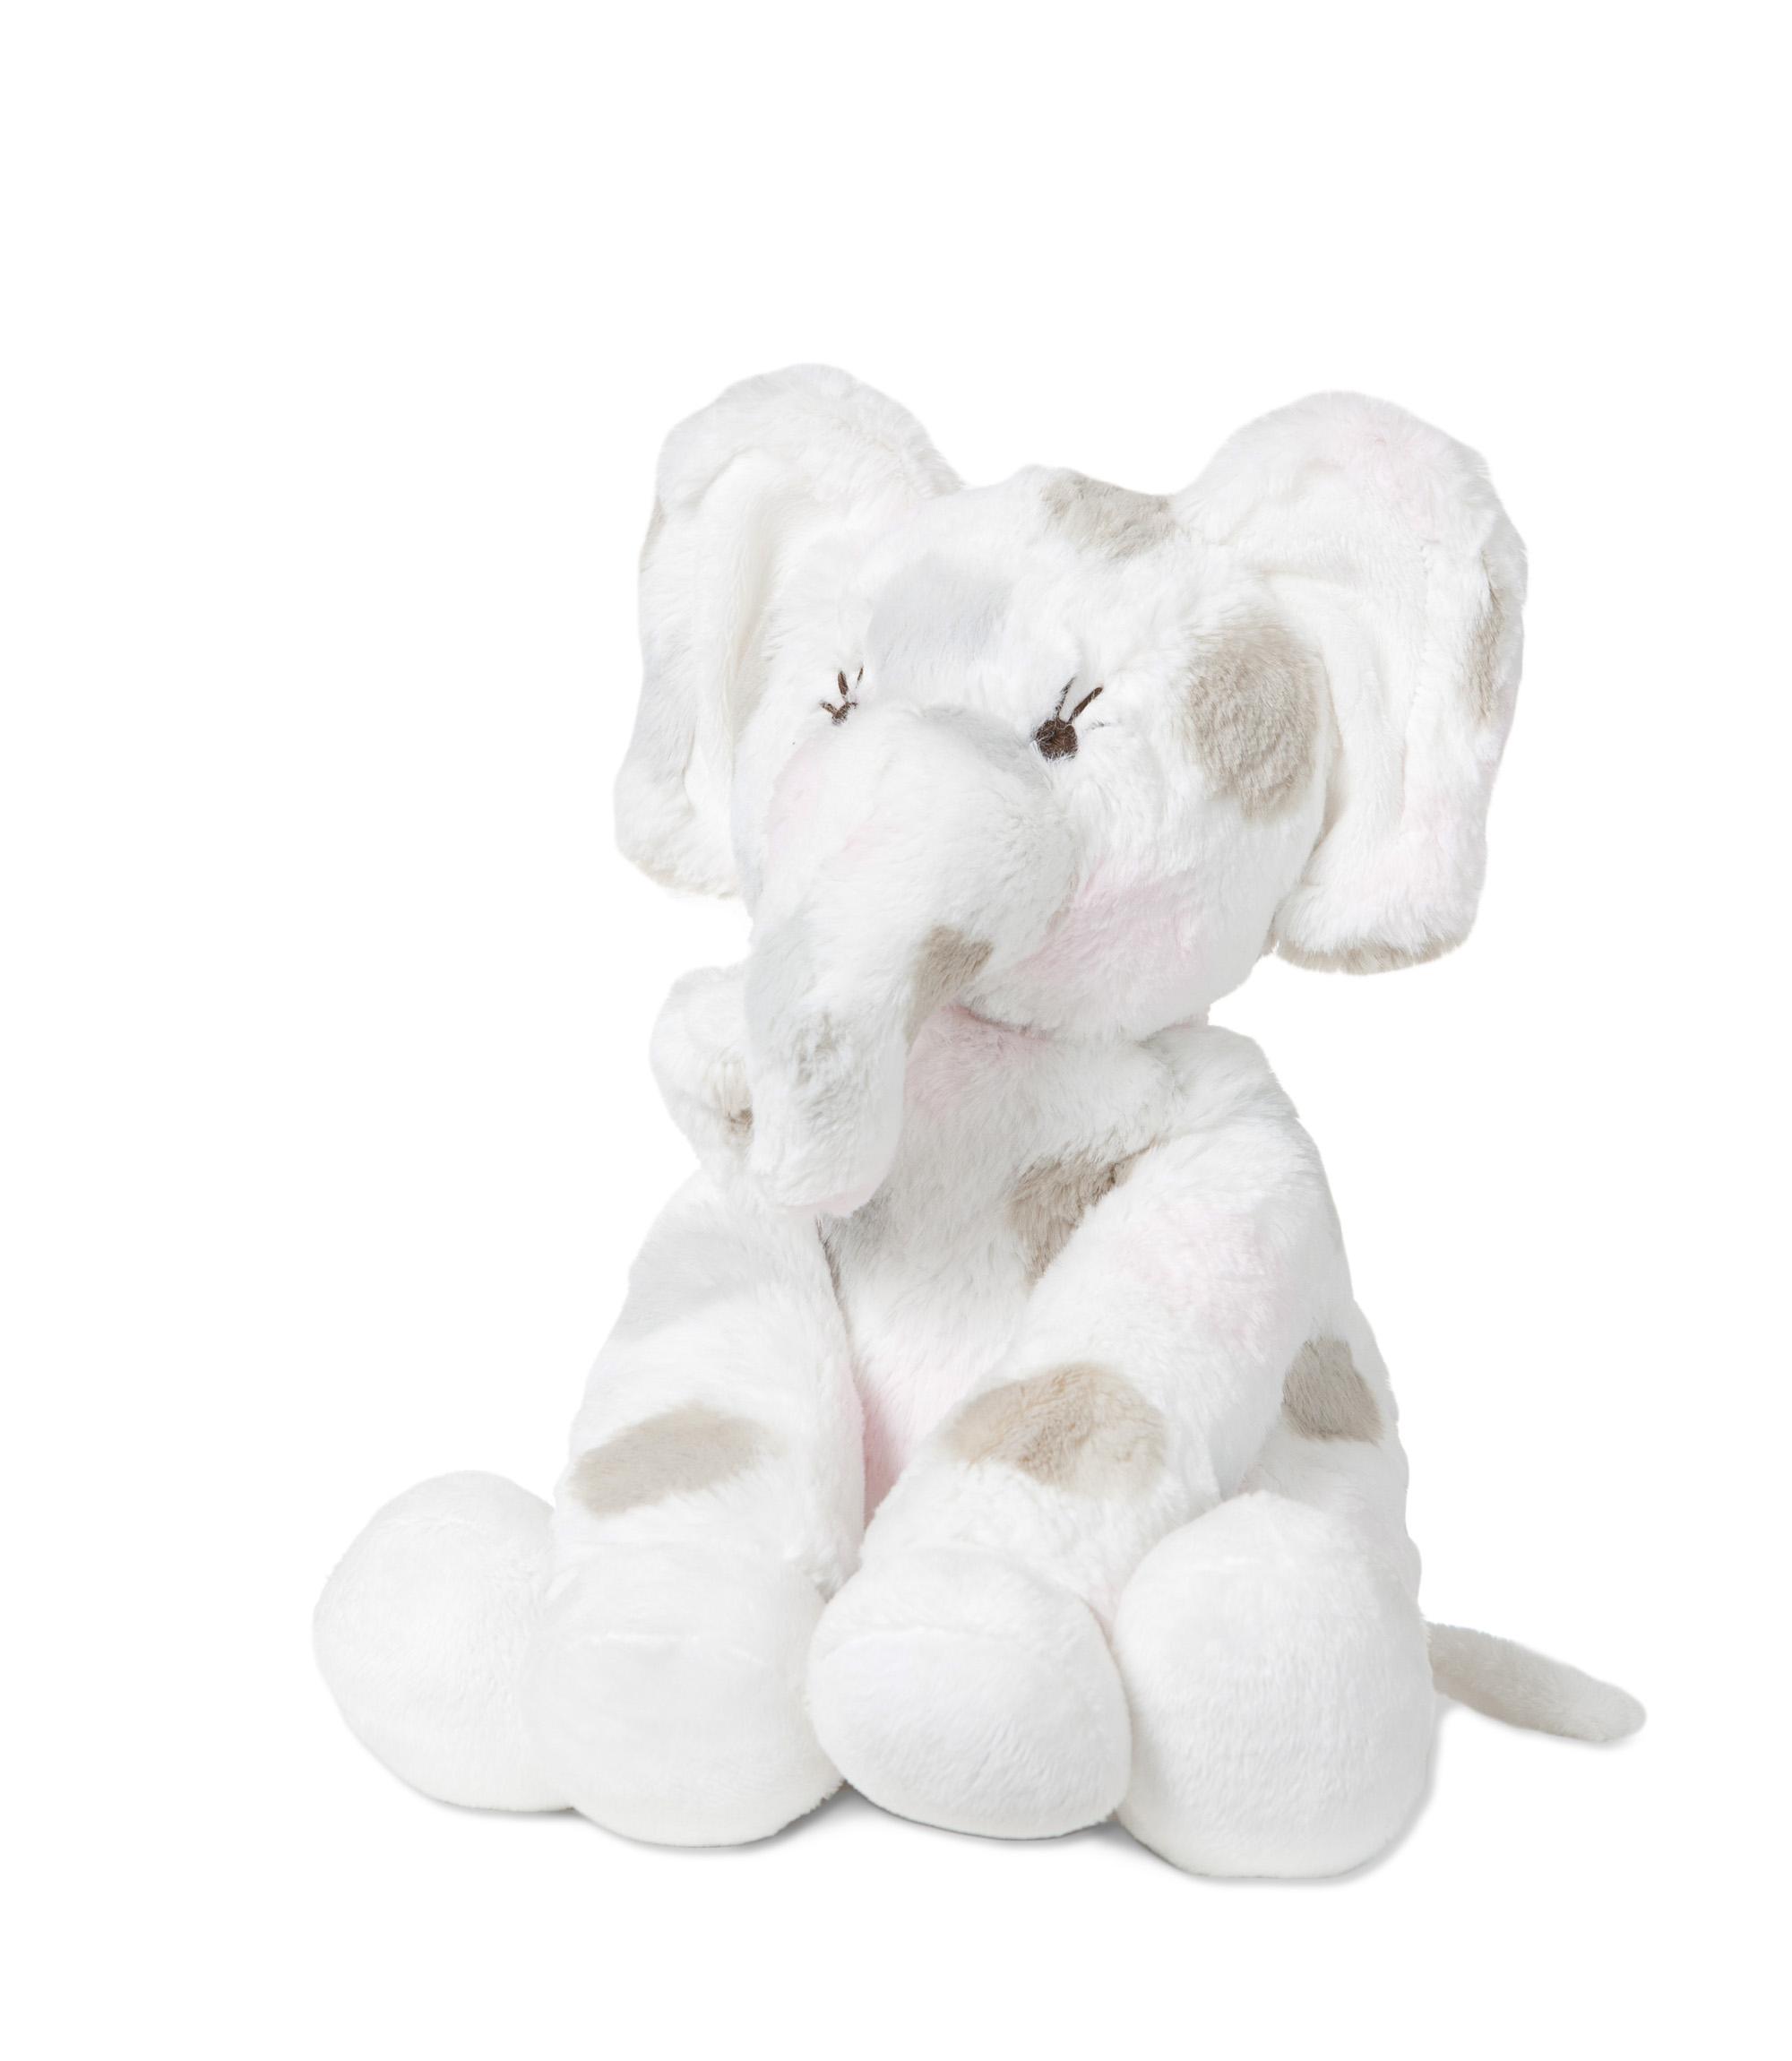 美國Little Giraffe 【Little G系列】大象娃娃-粉紅色